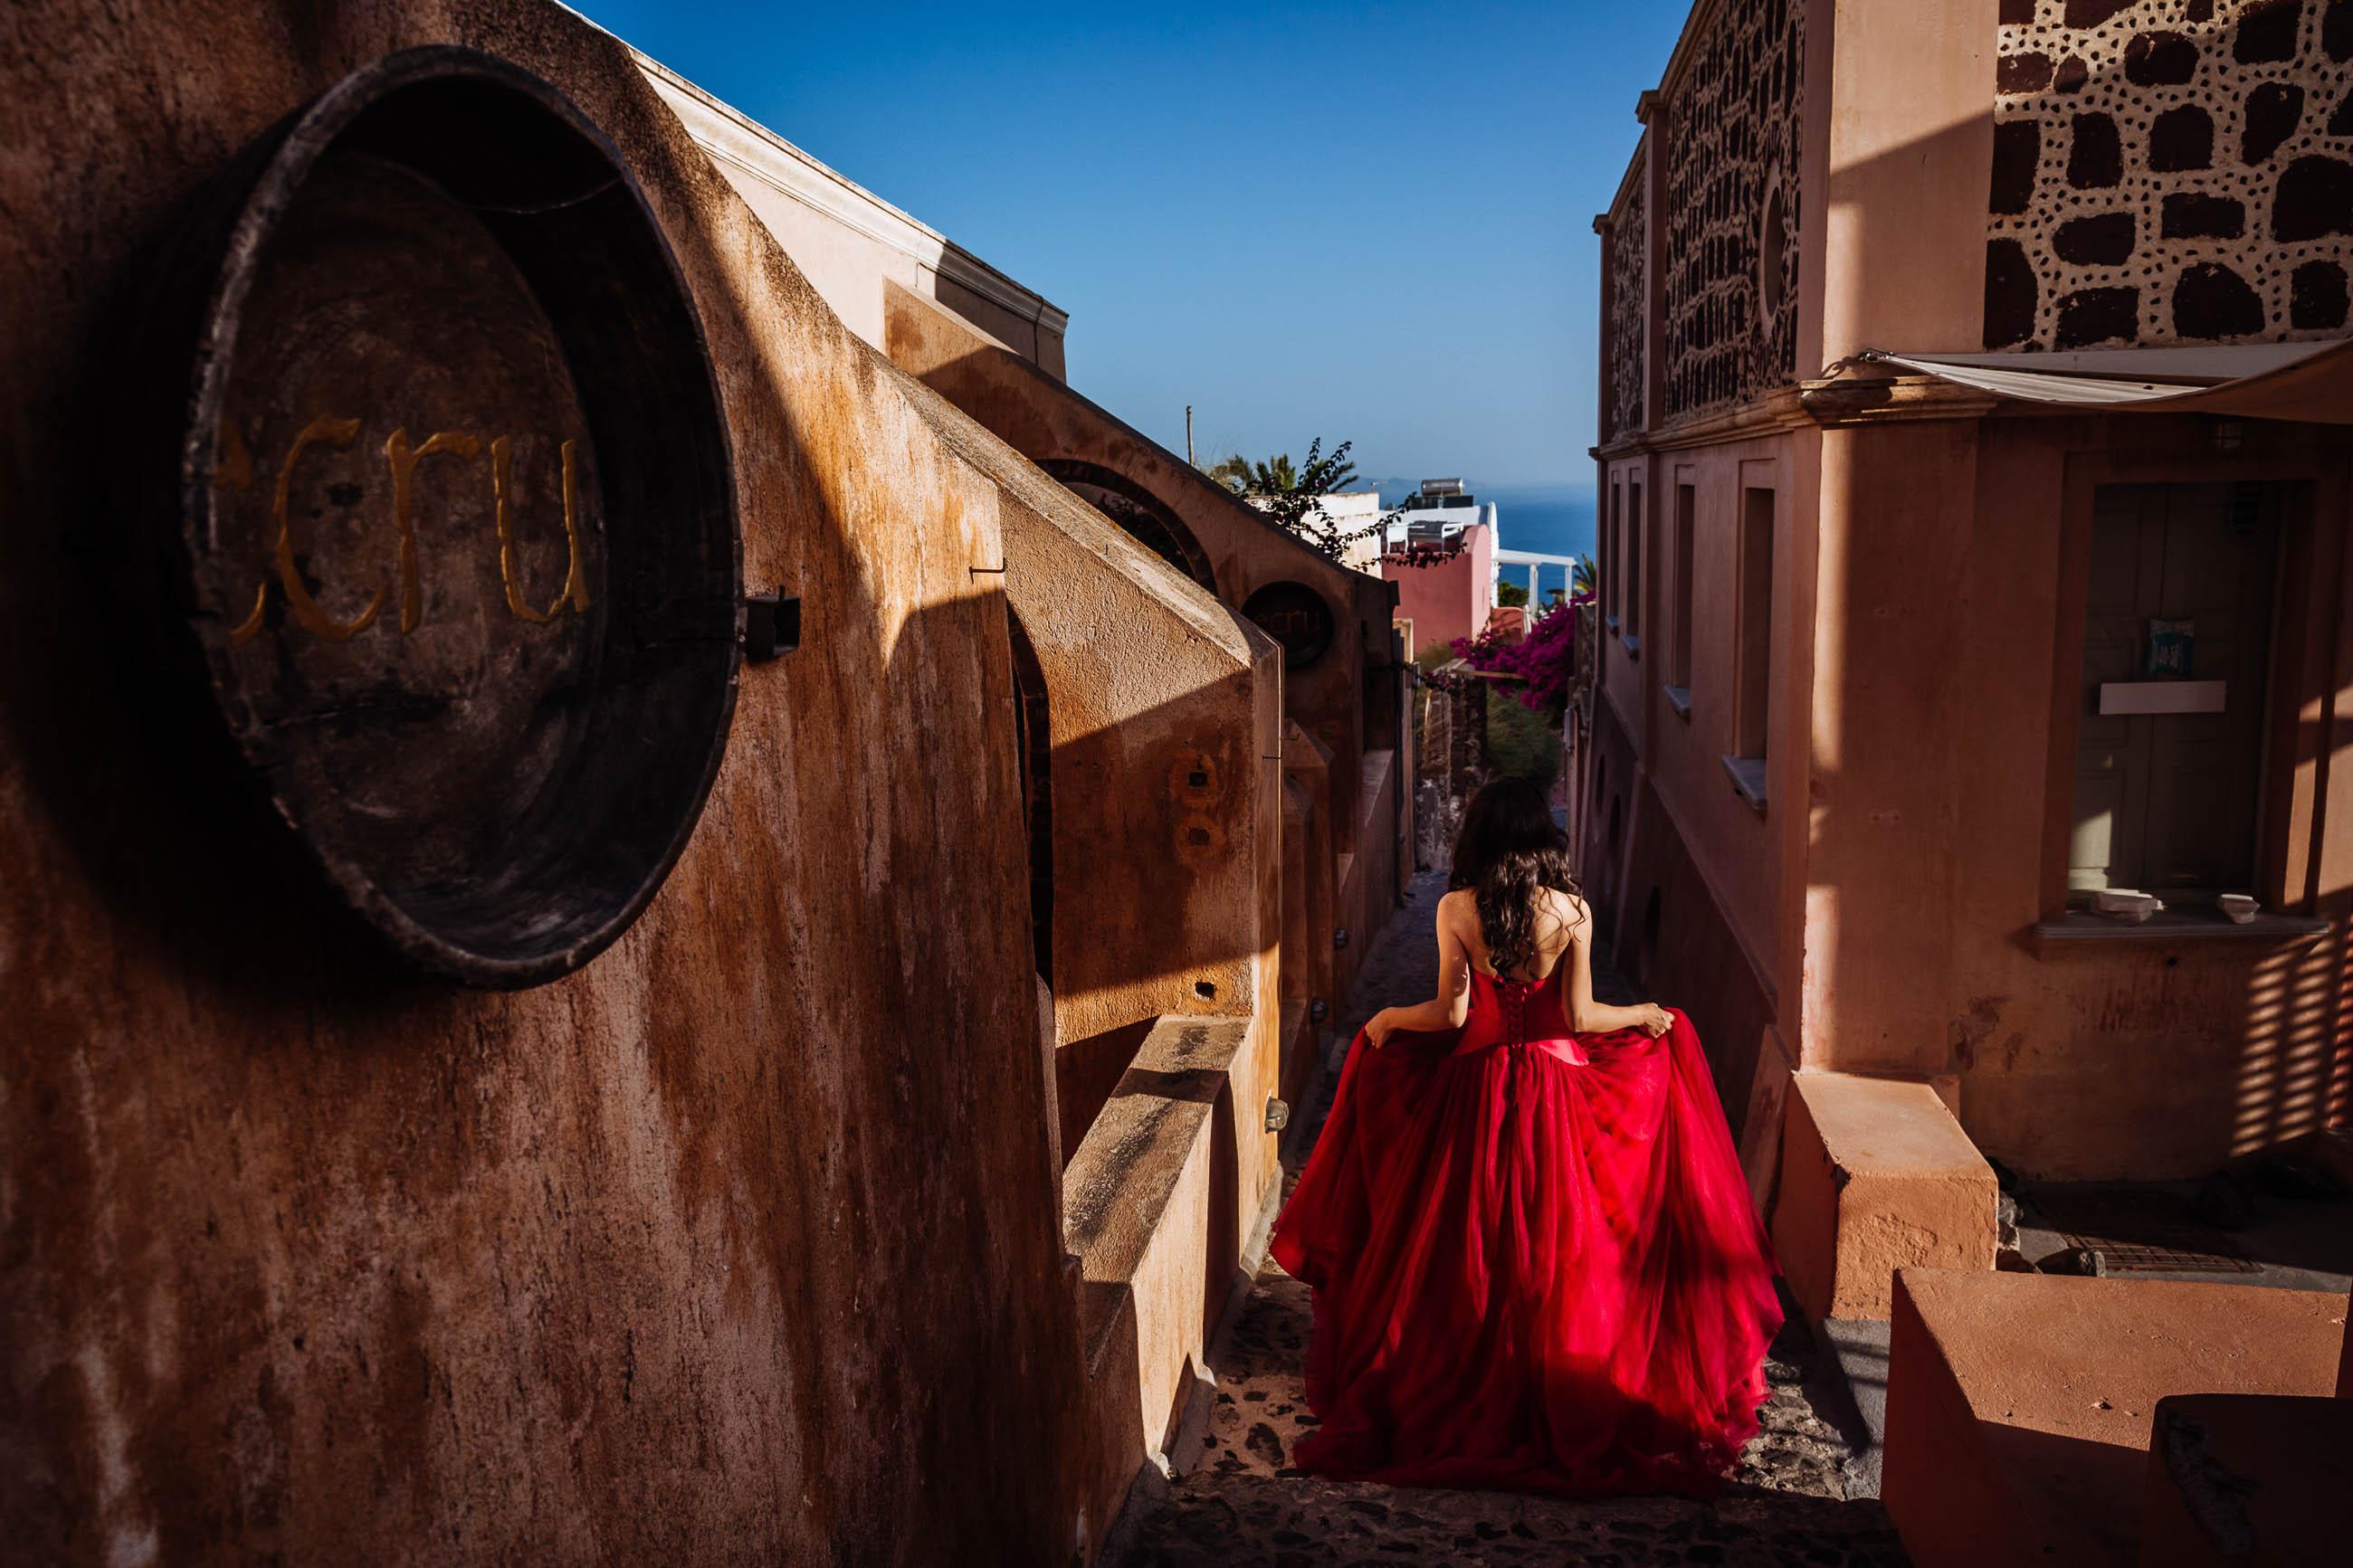 Bride in red dress walks outside